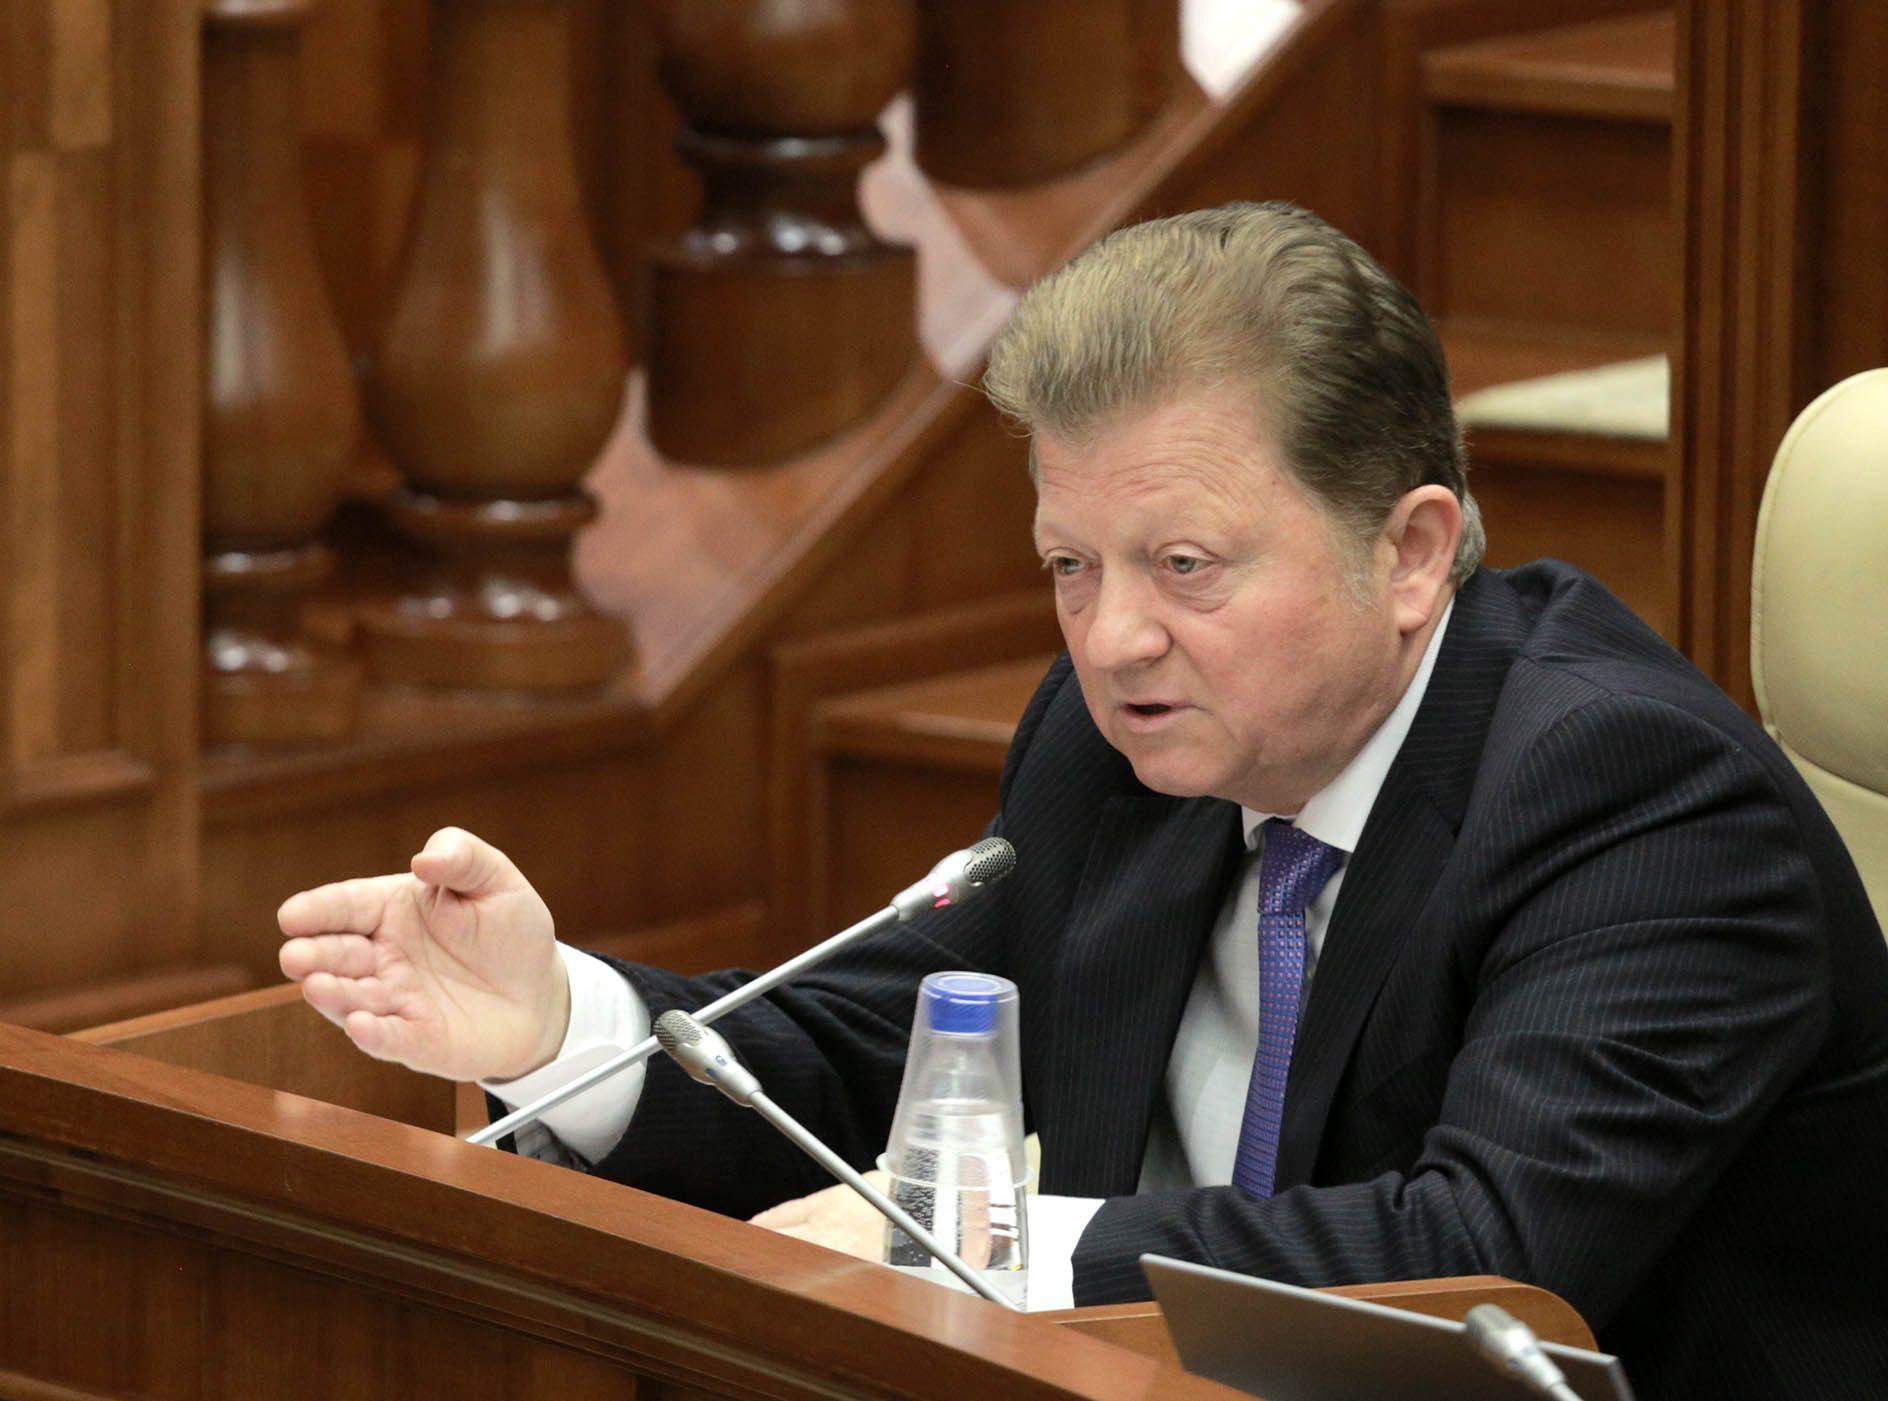 Цуркан ответил Филипу: Я говорю на молдавском языке, как меня учили мама и папа